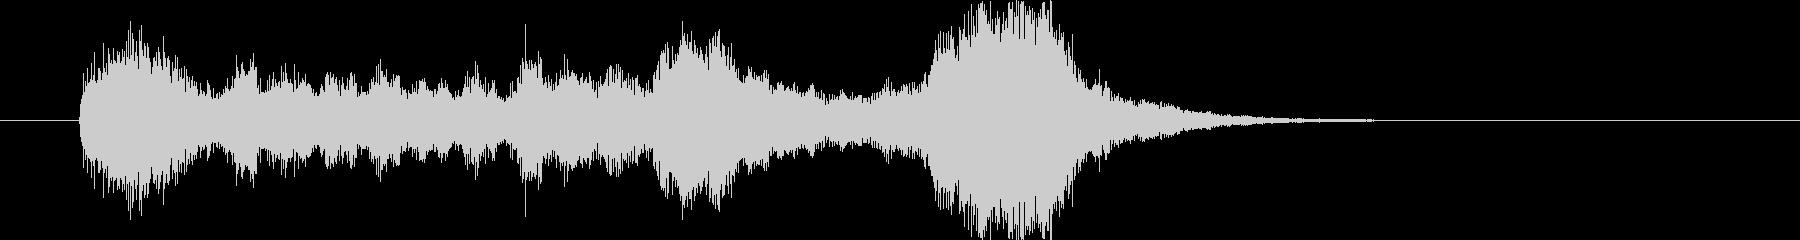 トランペット3本の正統派ファンファーレ。の未再生の波形